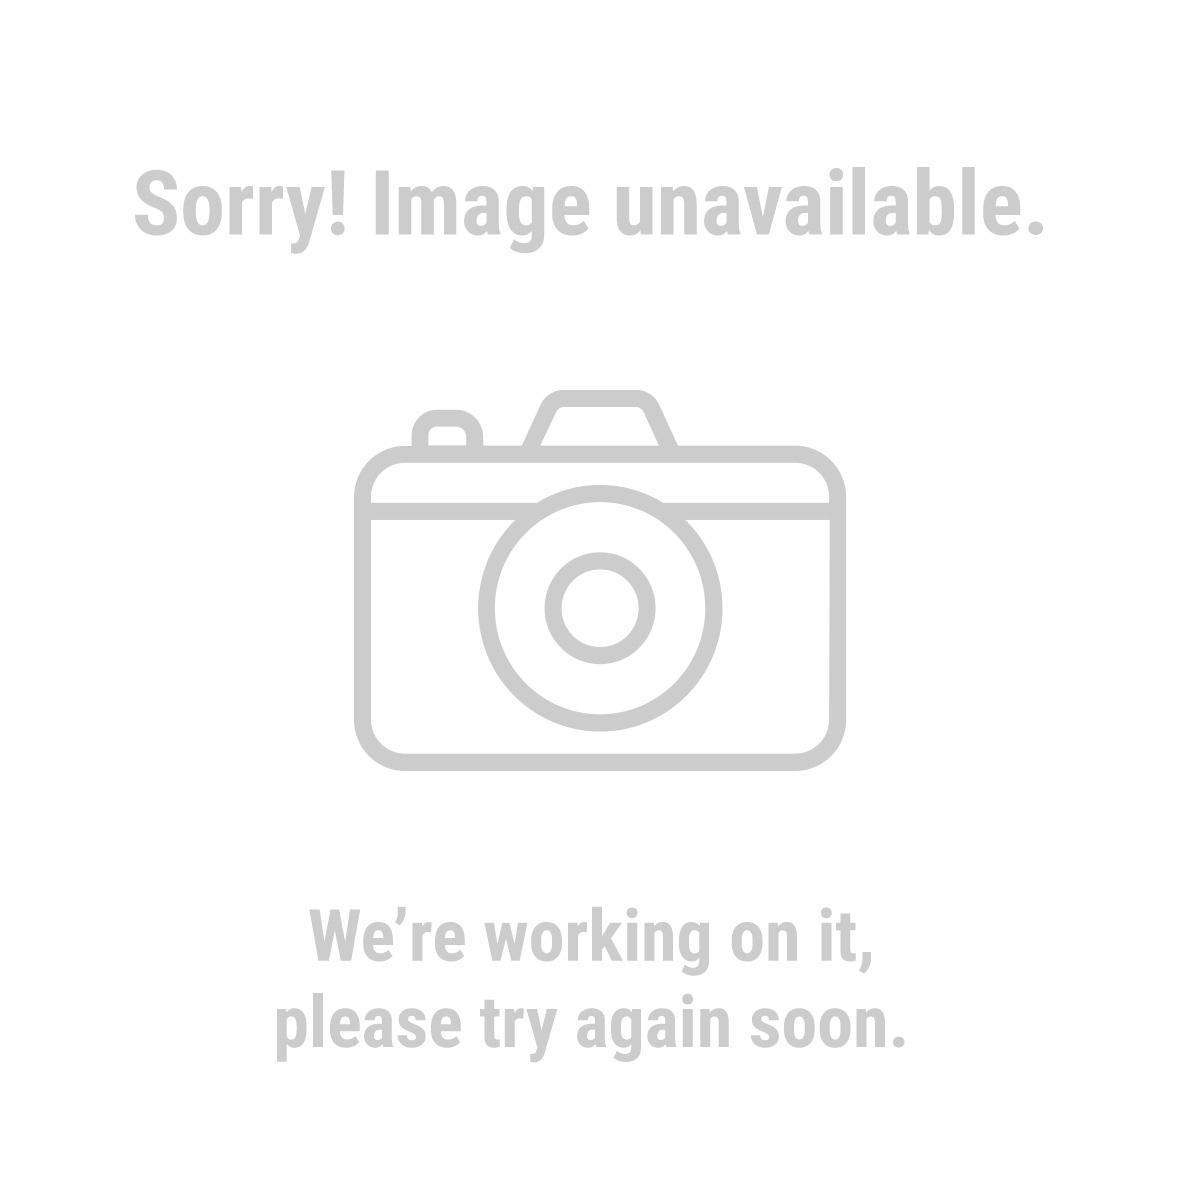 Haul-Master 60596 40 Piece Multi-Colored Elastic Stretch Cords